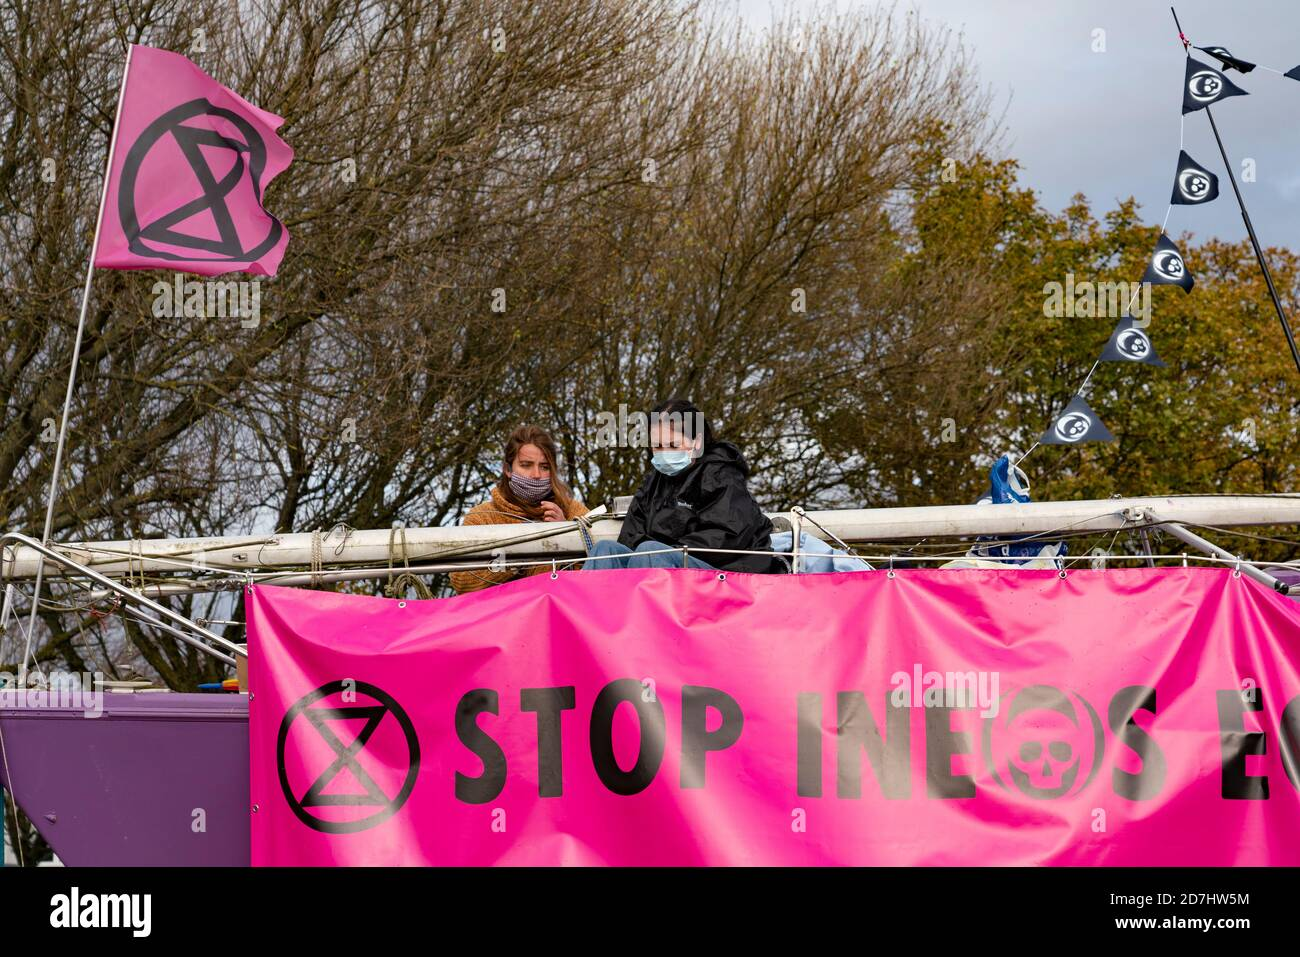 Grangemouth, Écosse, Royaume-Uni. 23 octobre 2020. Extinction les manifestants de la rébellion contre le changement climatique bloquent l'entrée du siège de l'INEOS à Grangemouth. Les manifestants se sont enfermés ensemble avec la chaîne et ont garé un yacht dans la route bloquant l'accès. La police a fermé Inchyra Road. Iain Masterton/Alay Live News Banque D'Images